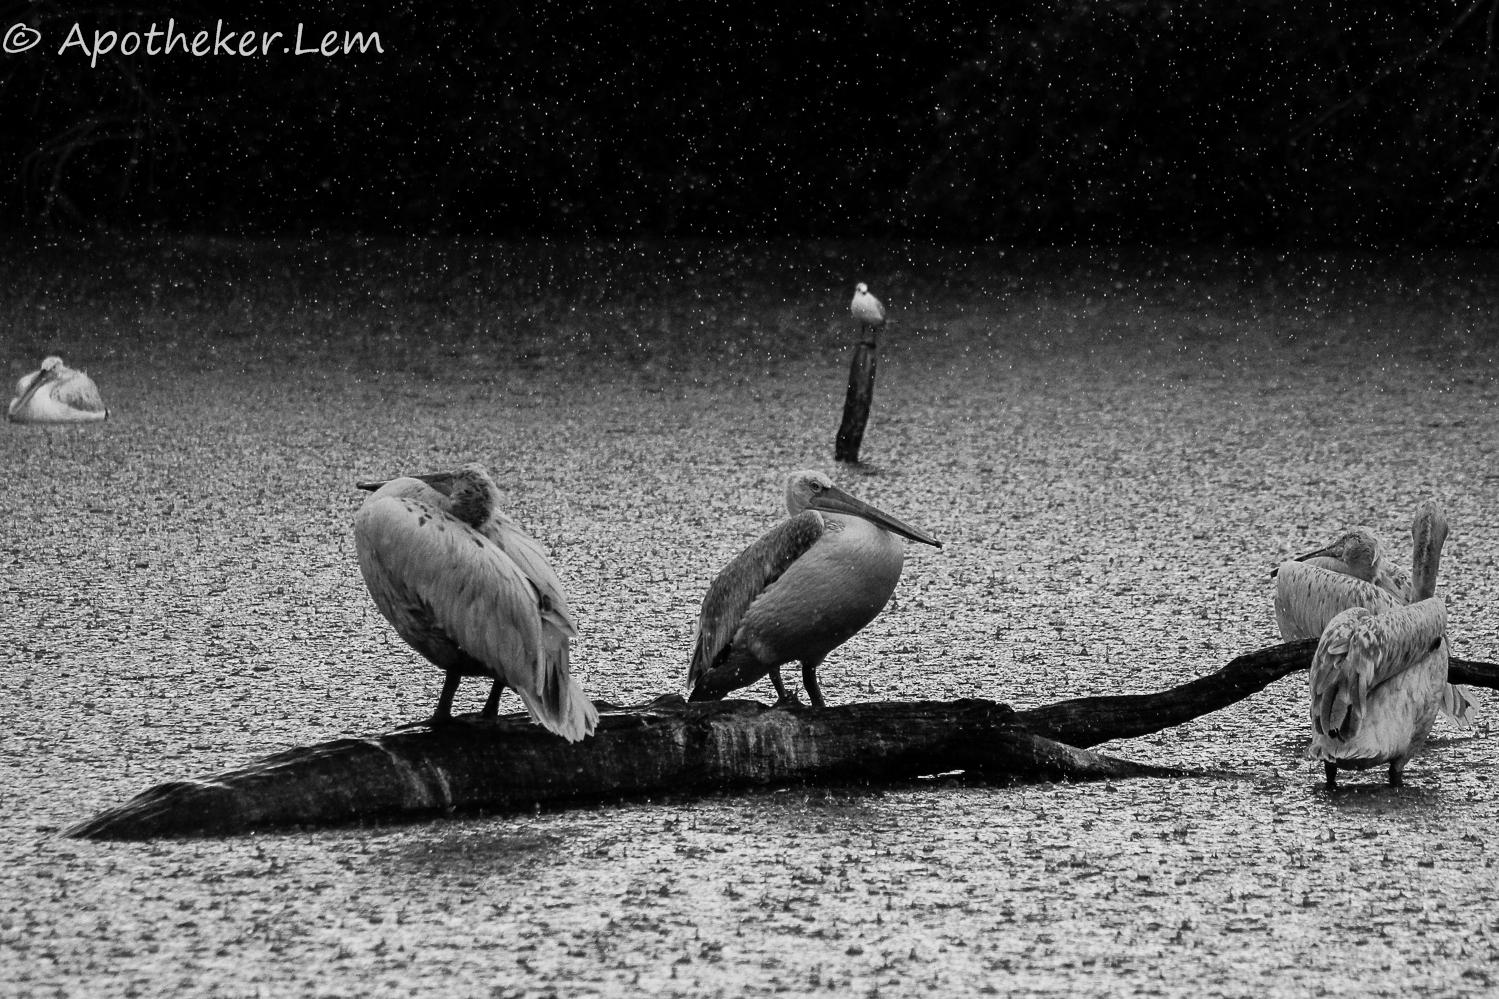 il pleut... photo et image | animaux, zoo et animaux en captivité ...